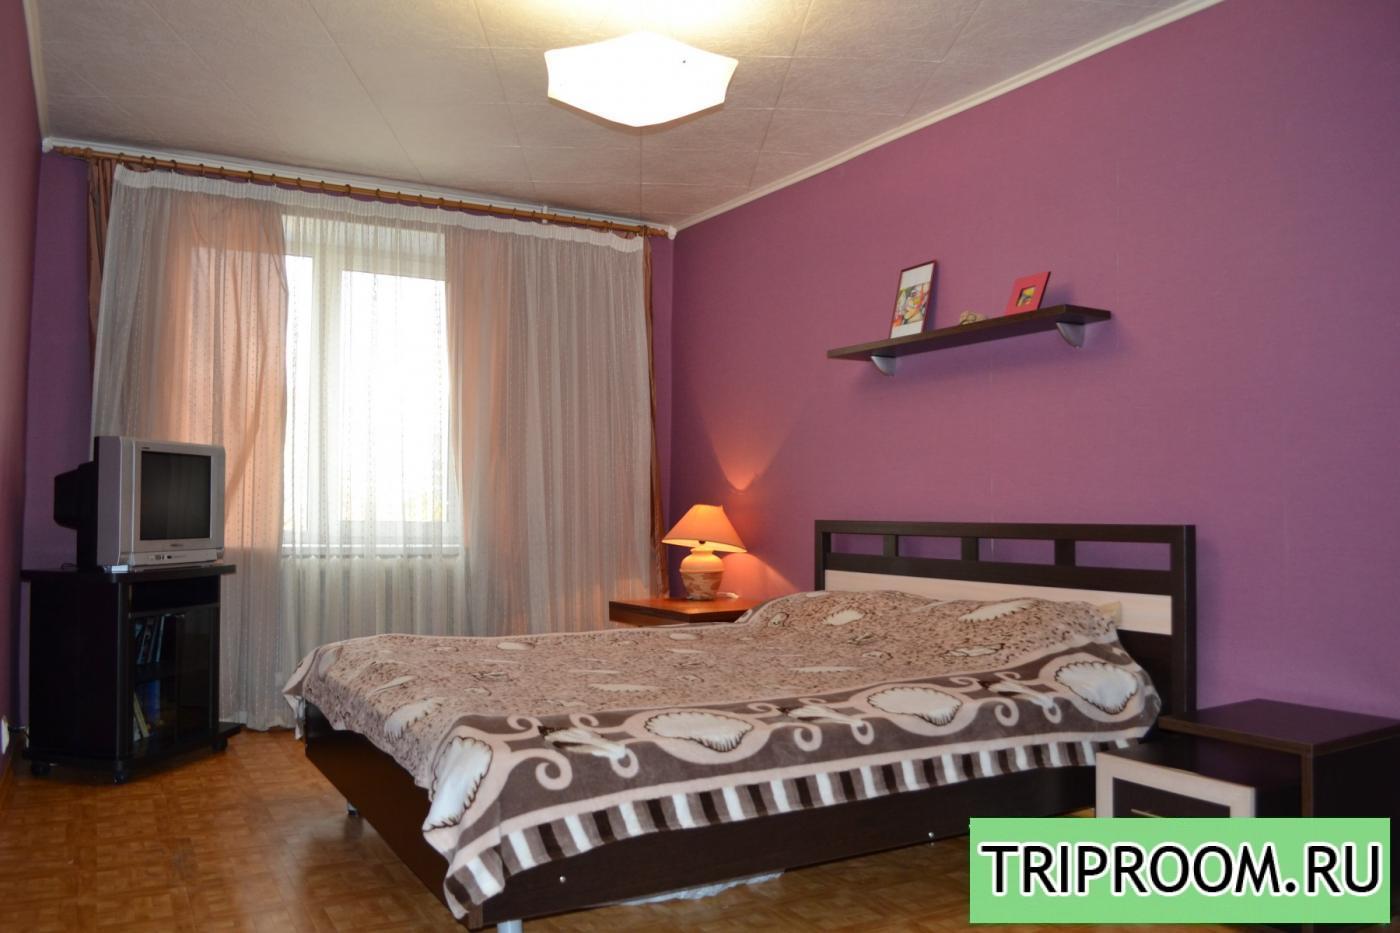 2-комнатная квартира посуточно (вариант № 5718), ул. Воровского улица, фото № 1